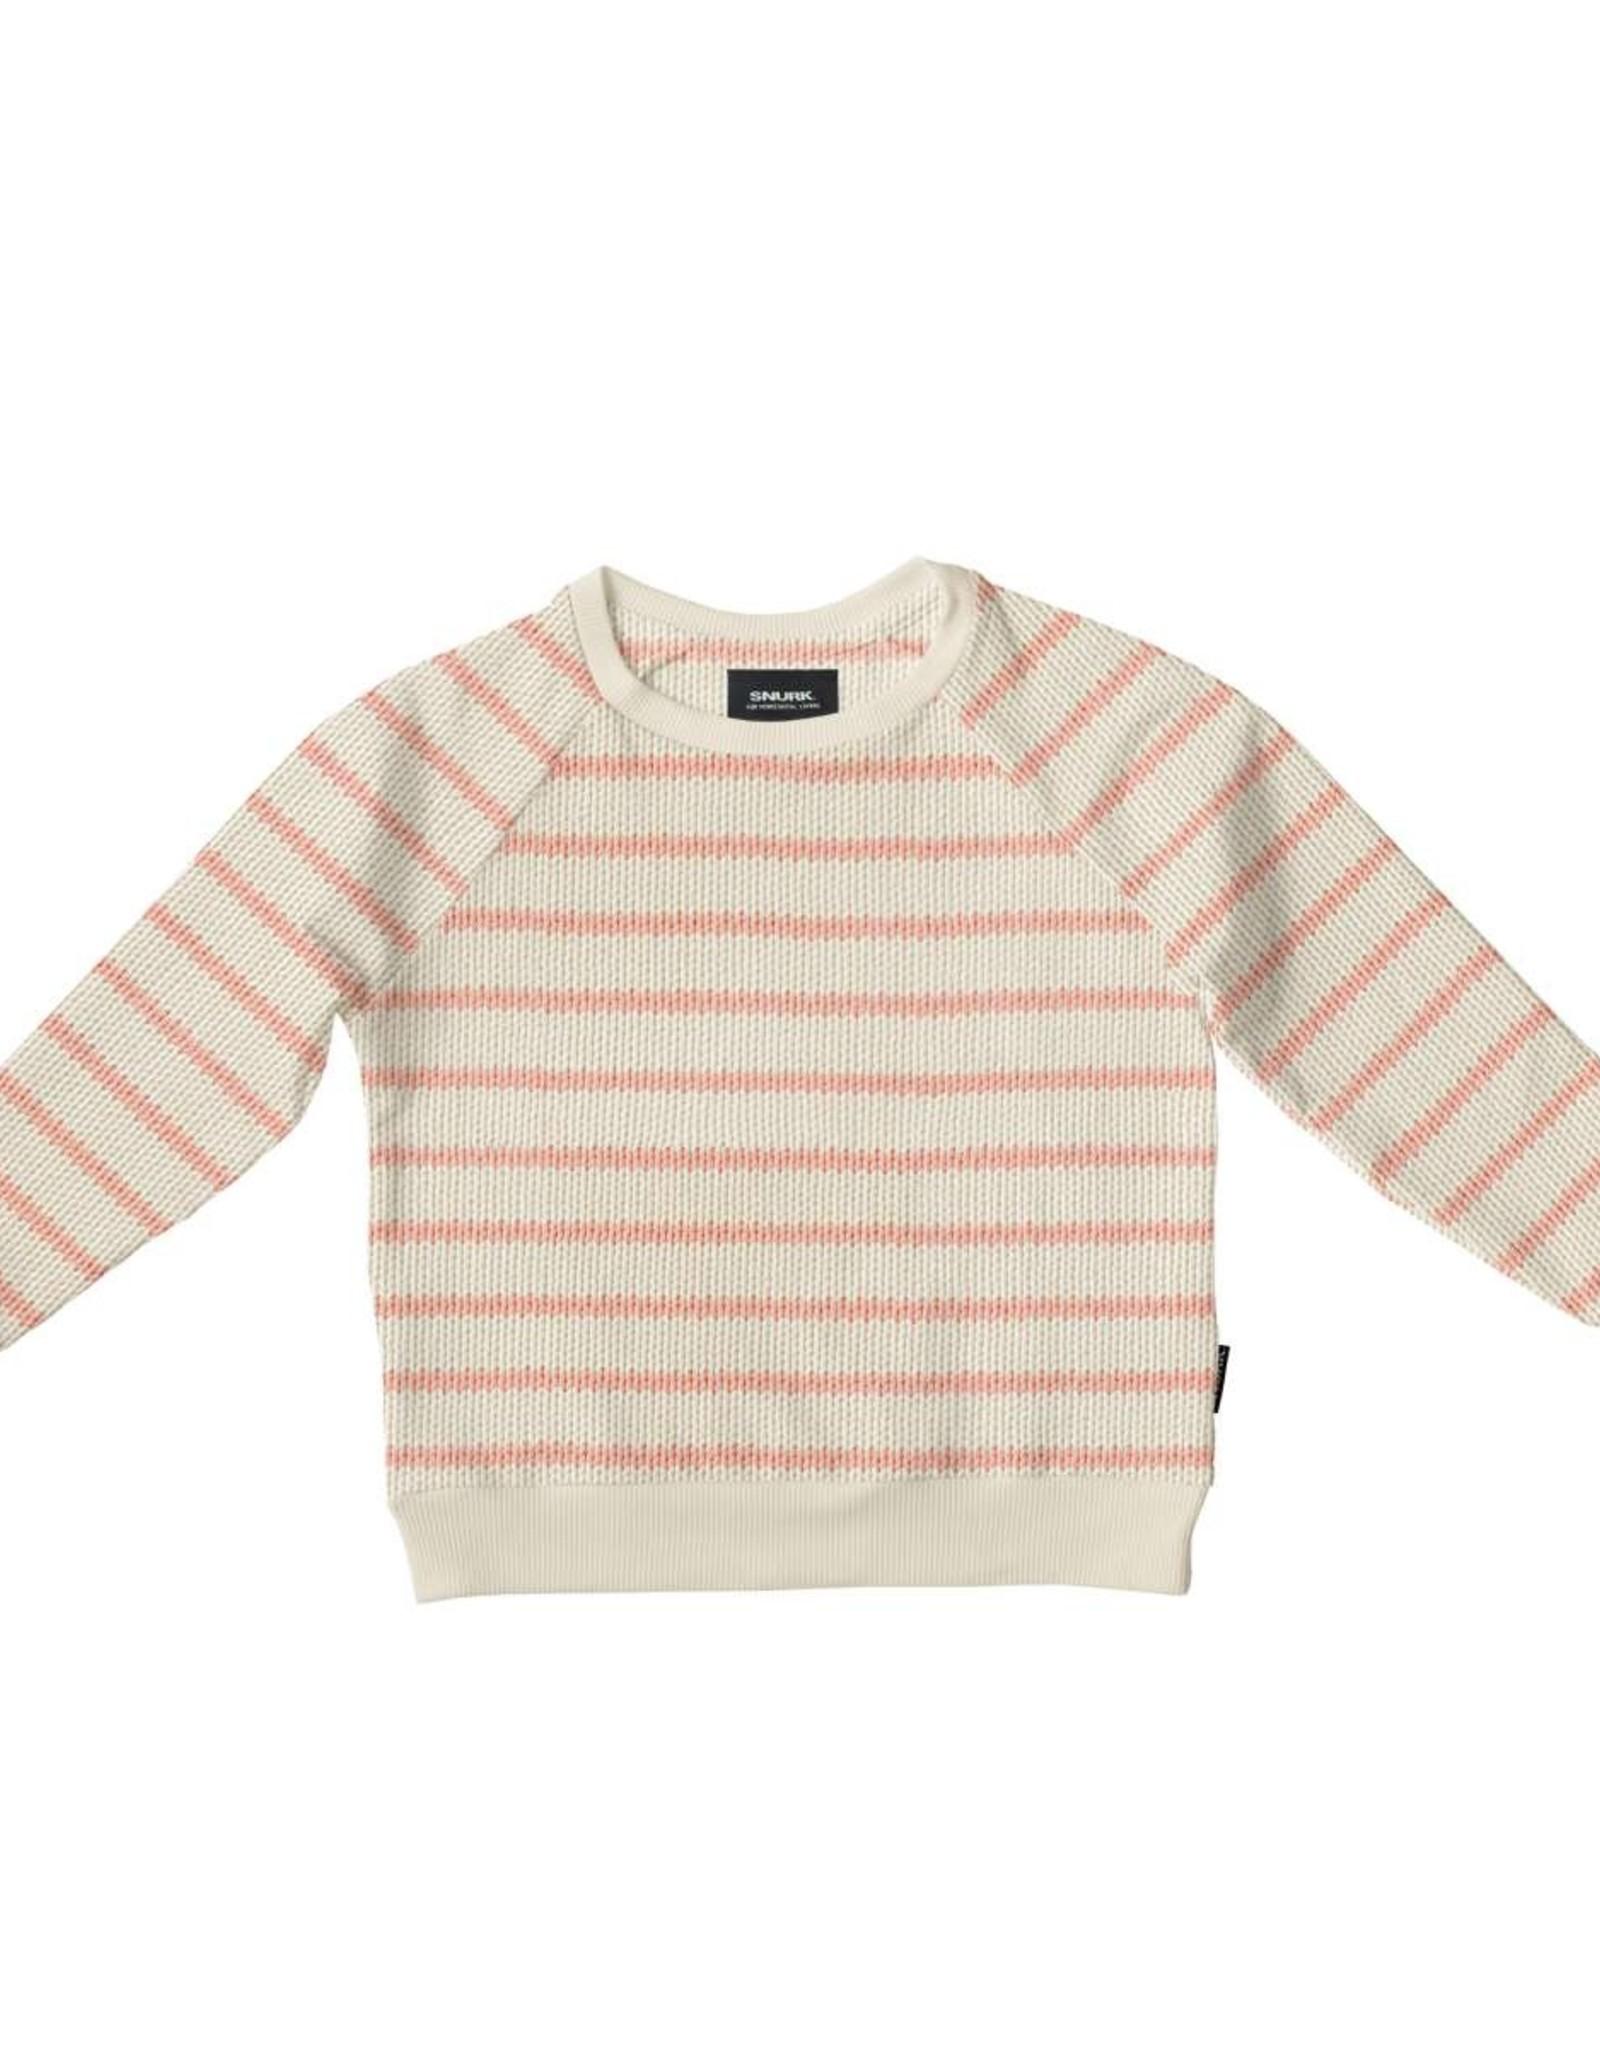 Snurk Snurk Breton Pink Sweater Kids